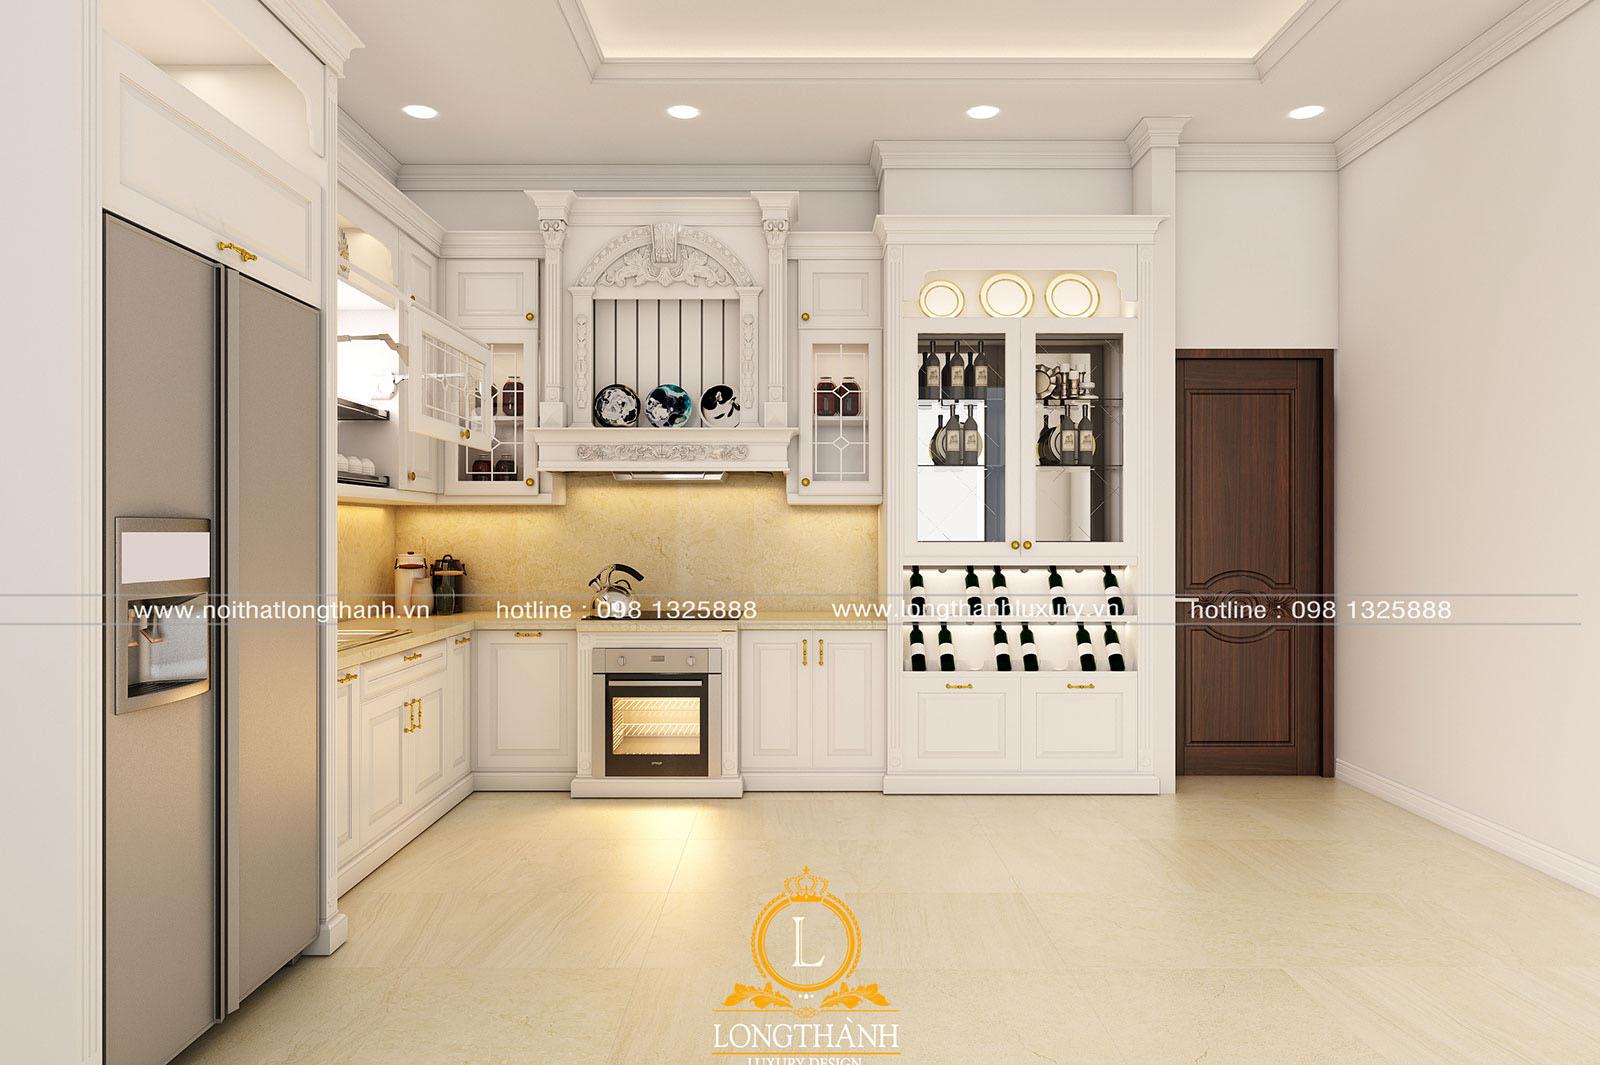 Tủ bếp gỗ tự nhiên sơn trắng đẹp LT 59 góc nhìn thứ 3